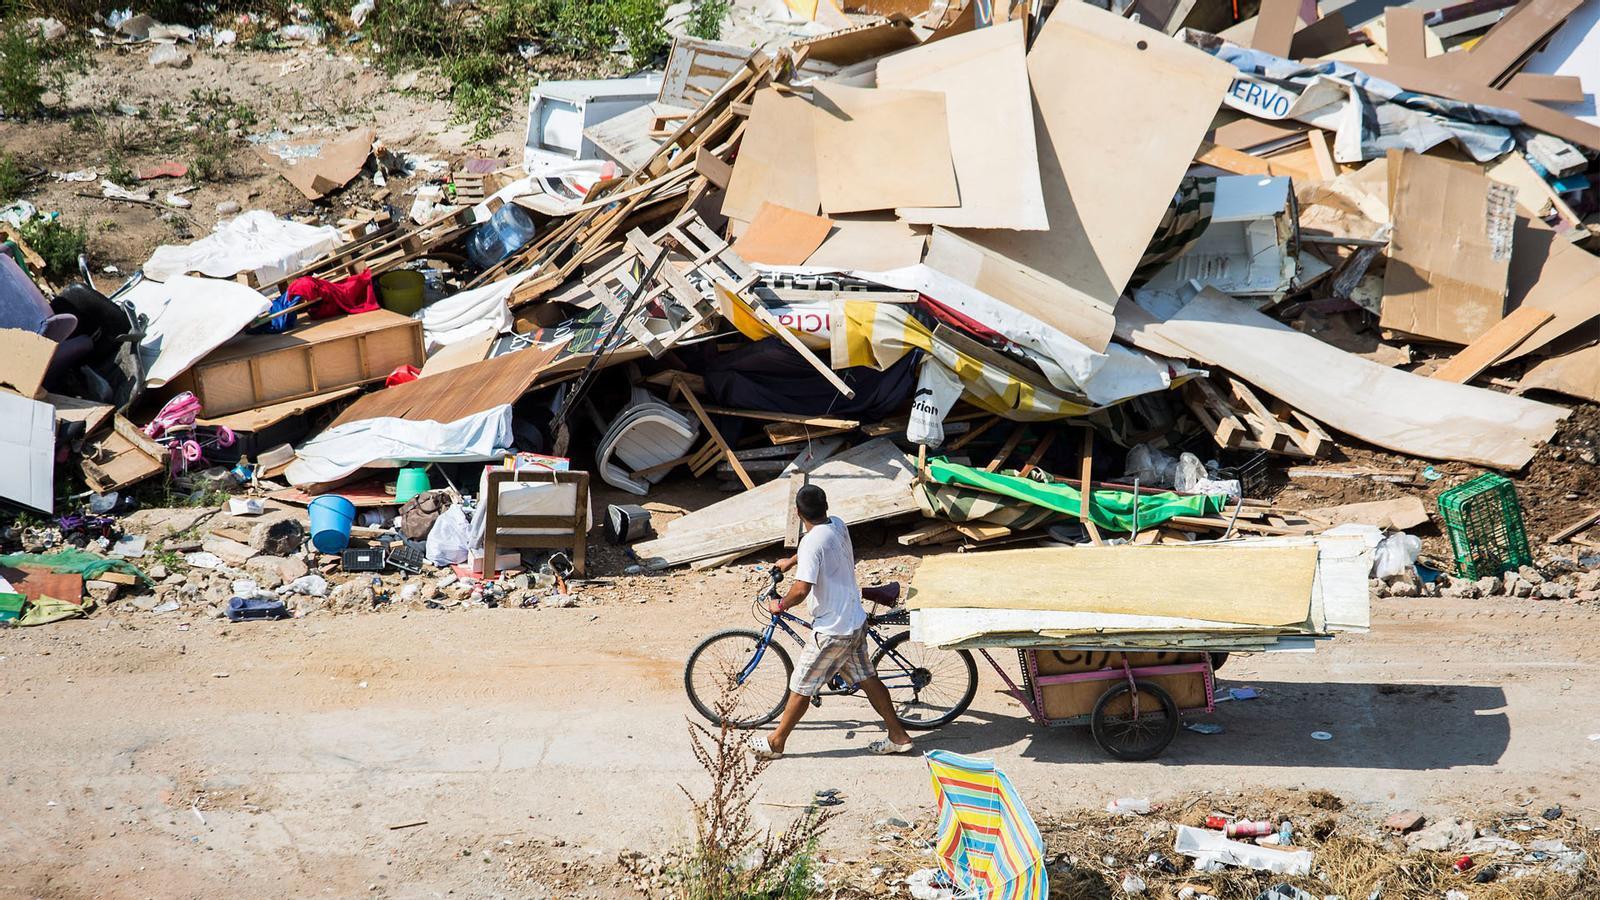 L'anàlisi d'Antoni Bassas: 'El centre de Barcelona és ple d'altres assentaments'